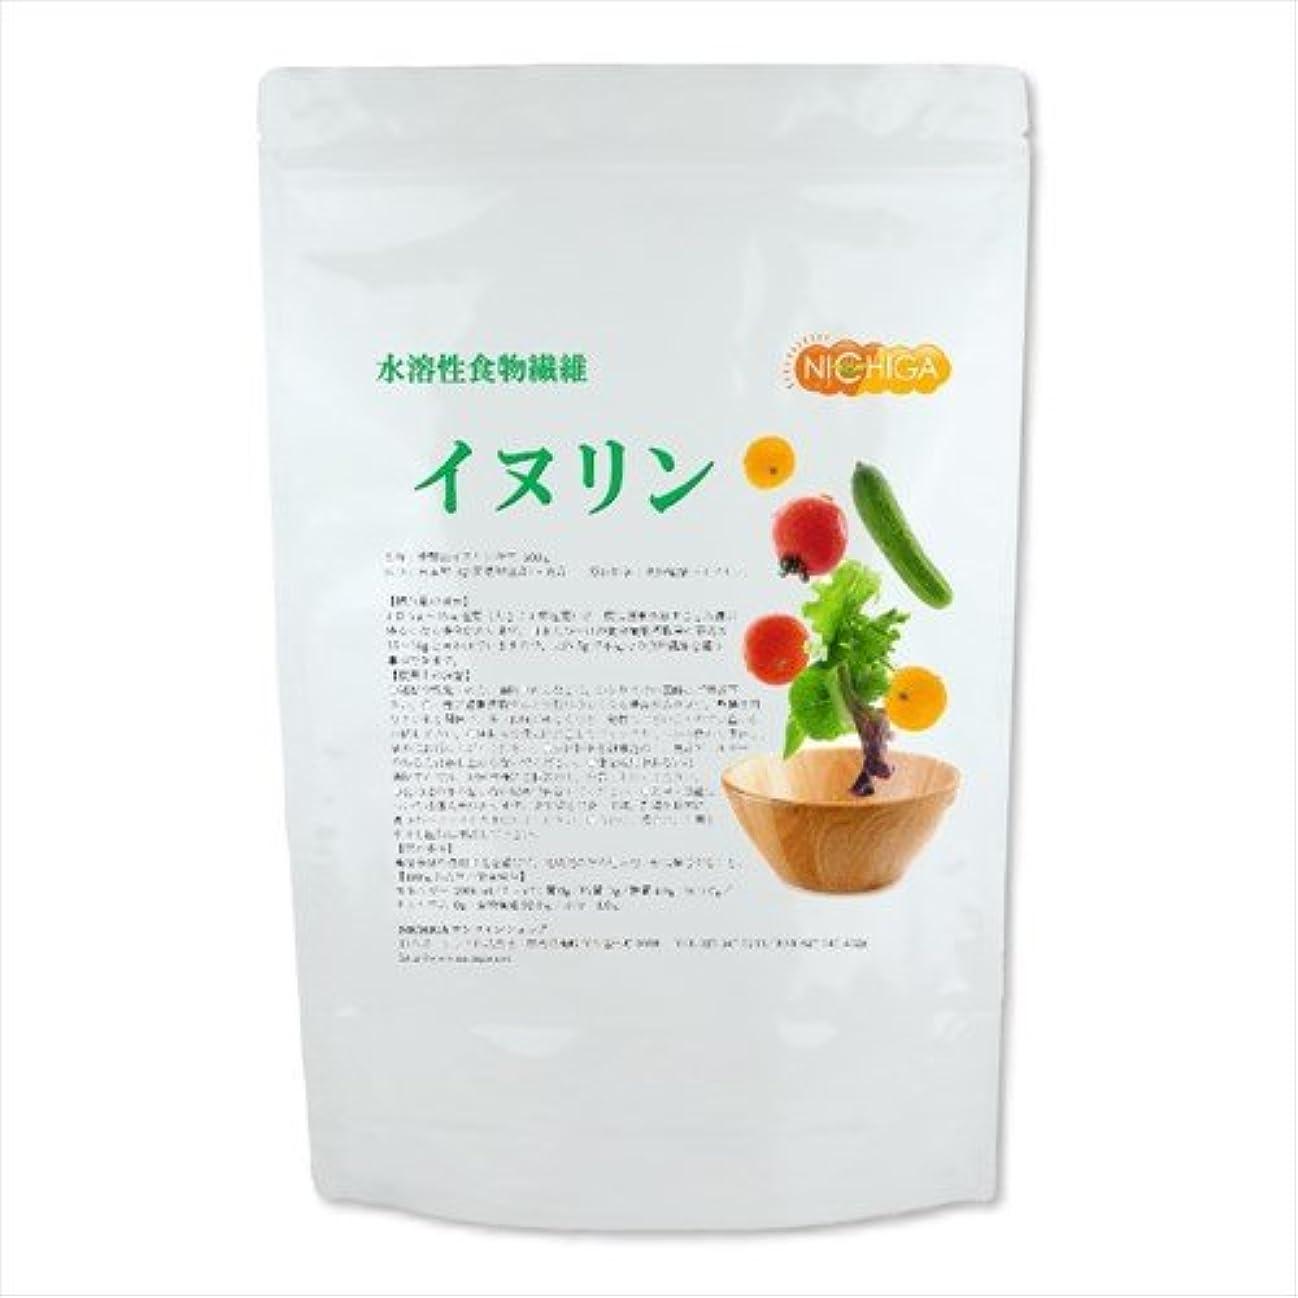 お手伝いさん凍った要求するイヌリン 500g 水溶性食物繊維 新製法高品質 いぬりん キクイモやチコリに多く含まれています [01] NICHIGA(ニチガ)